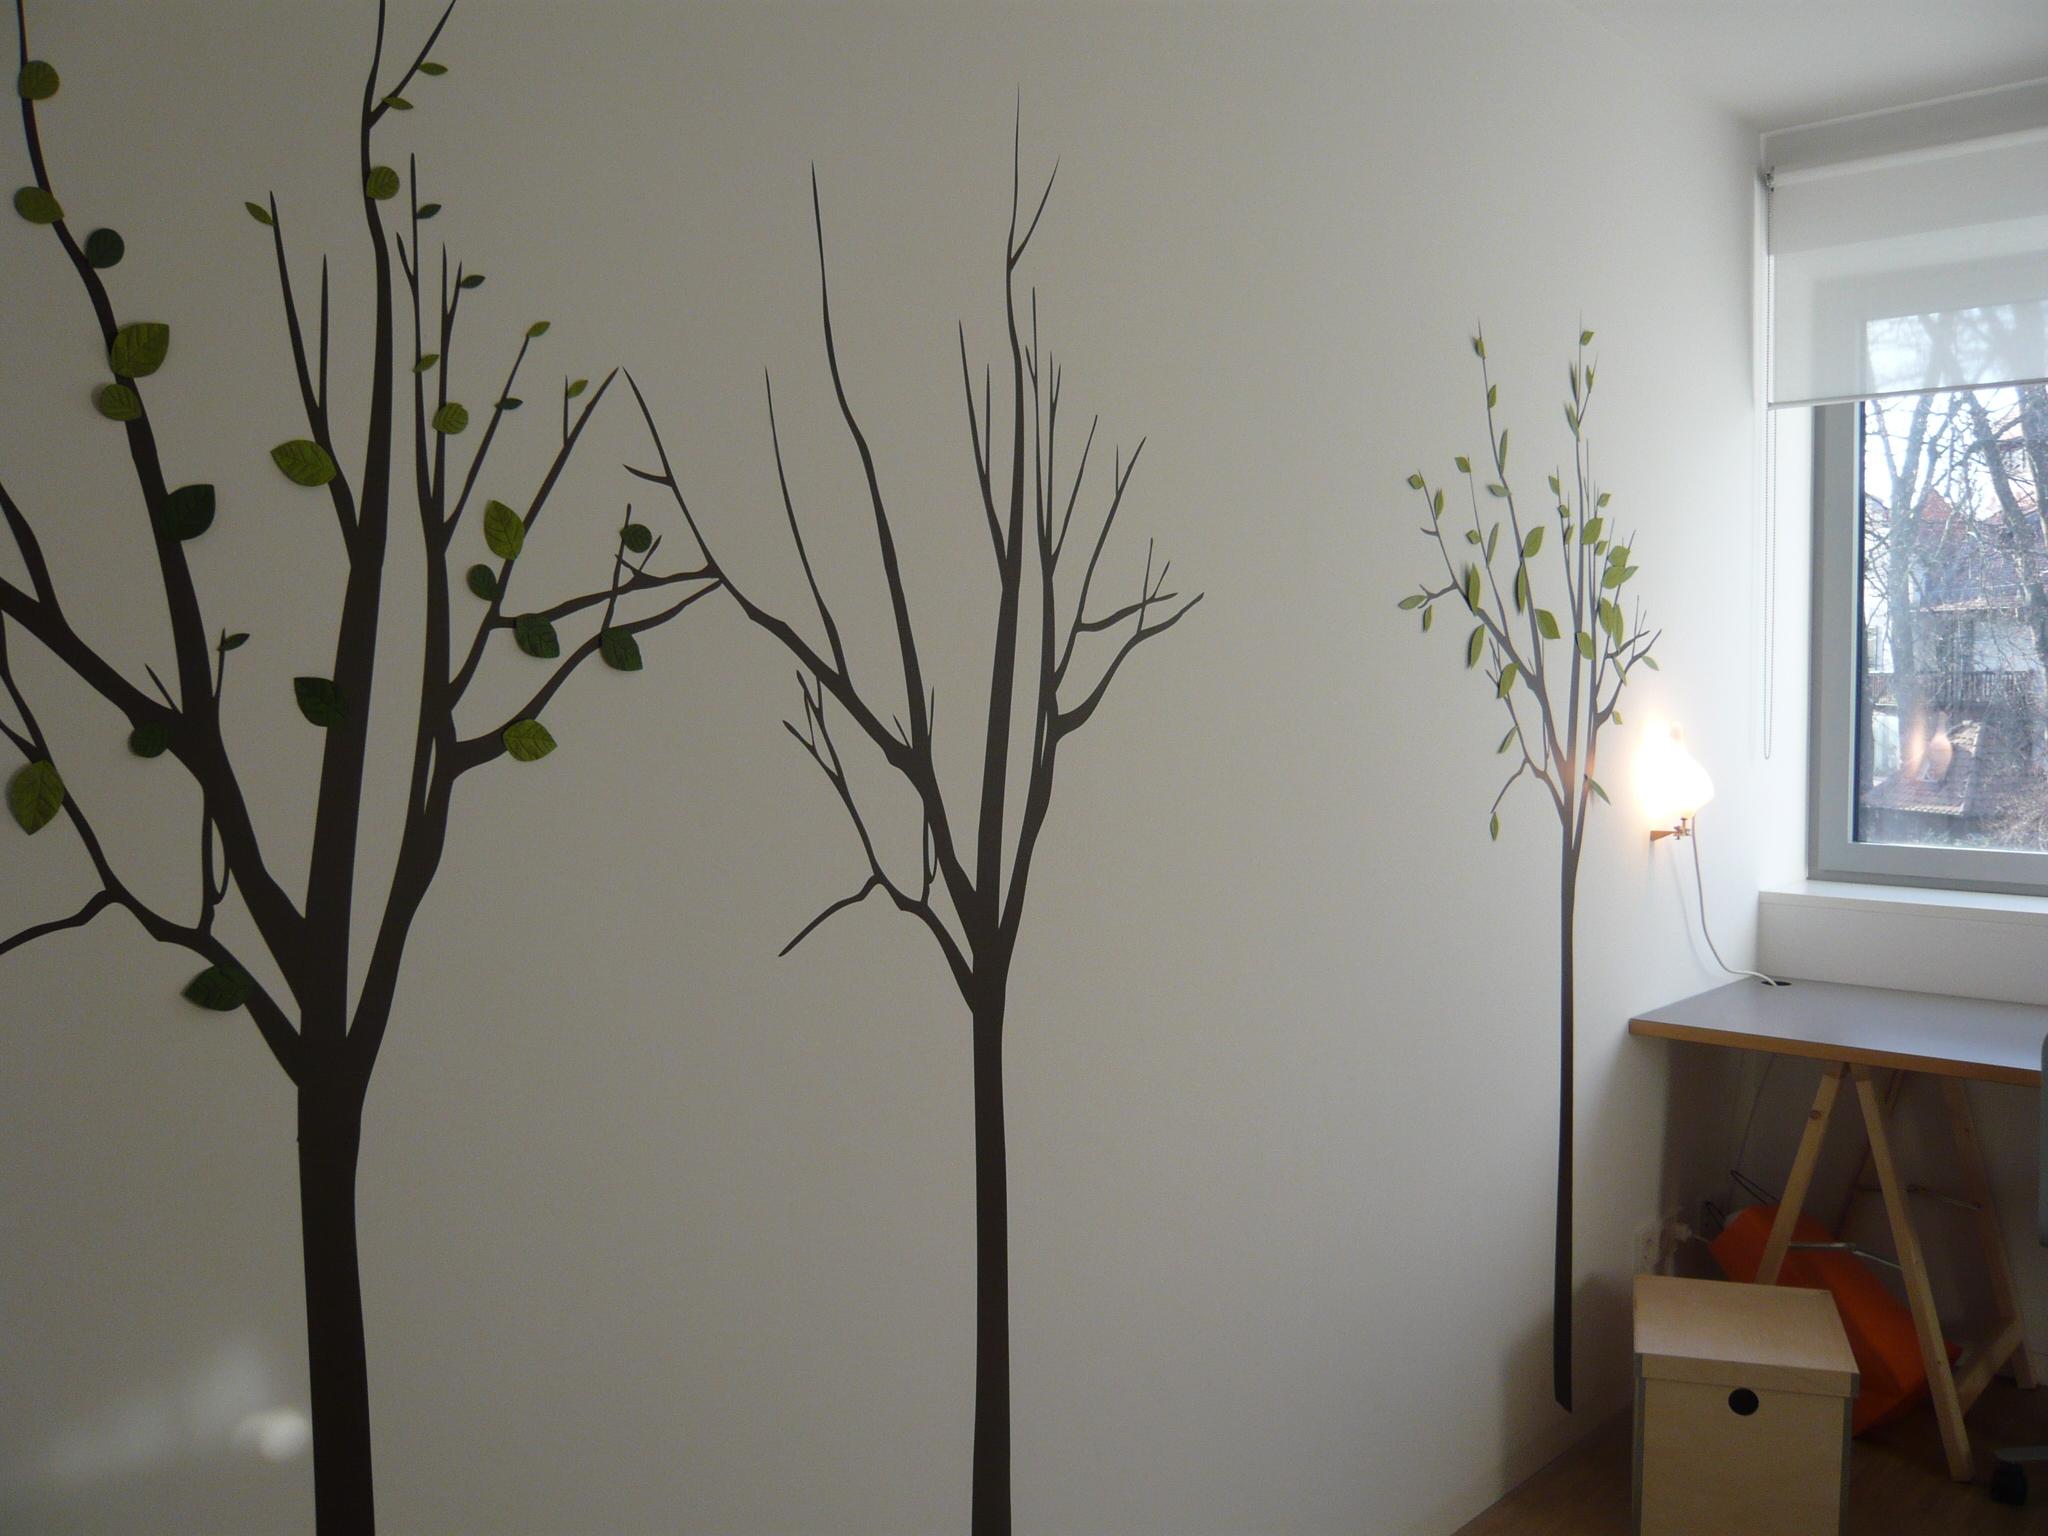 Künstlerisch Wandtattoo Bäume Foto Von Bäume Mit Anwachsgarantie